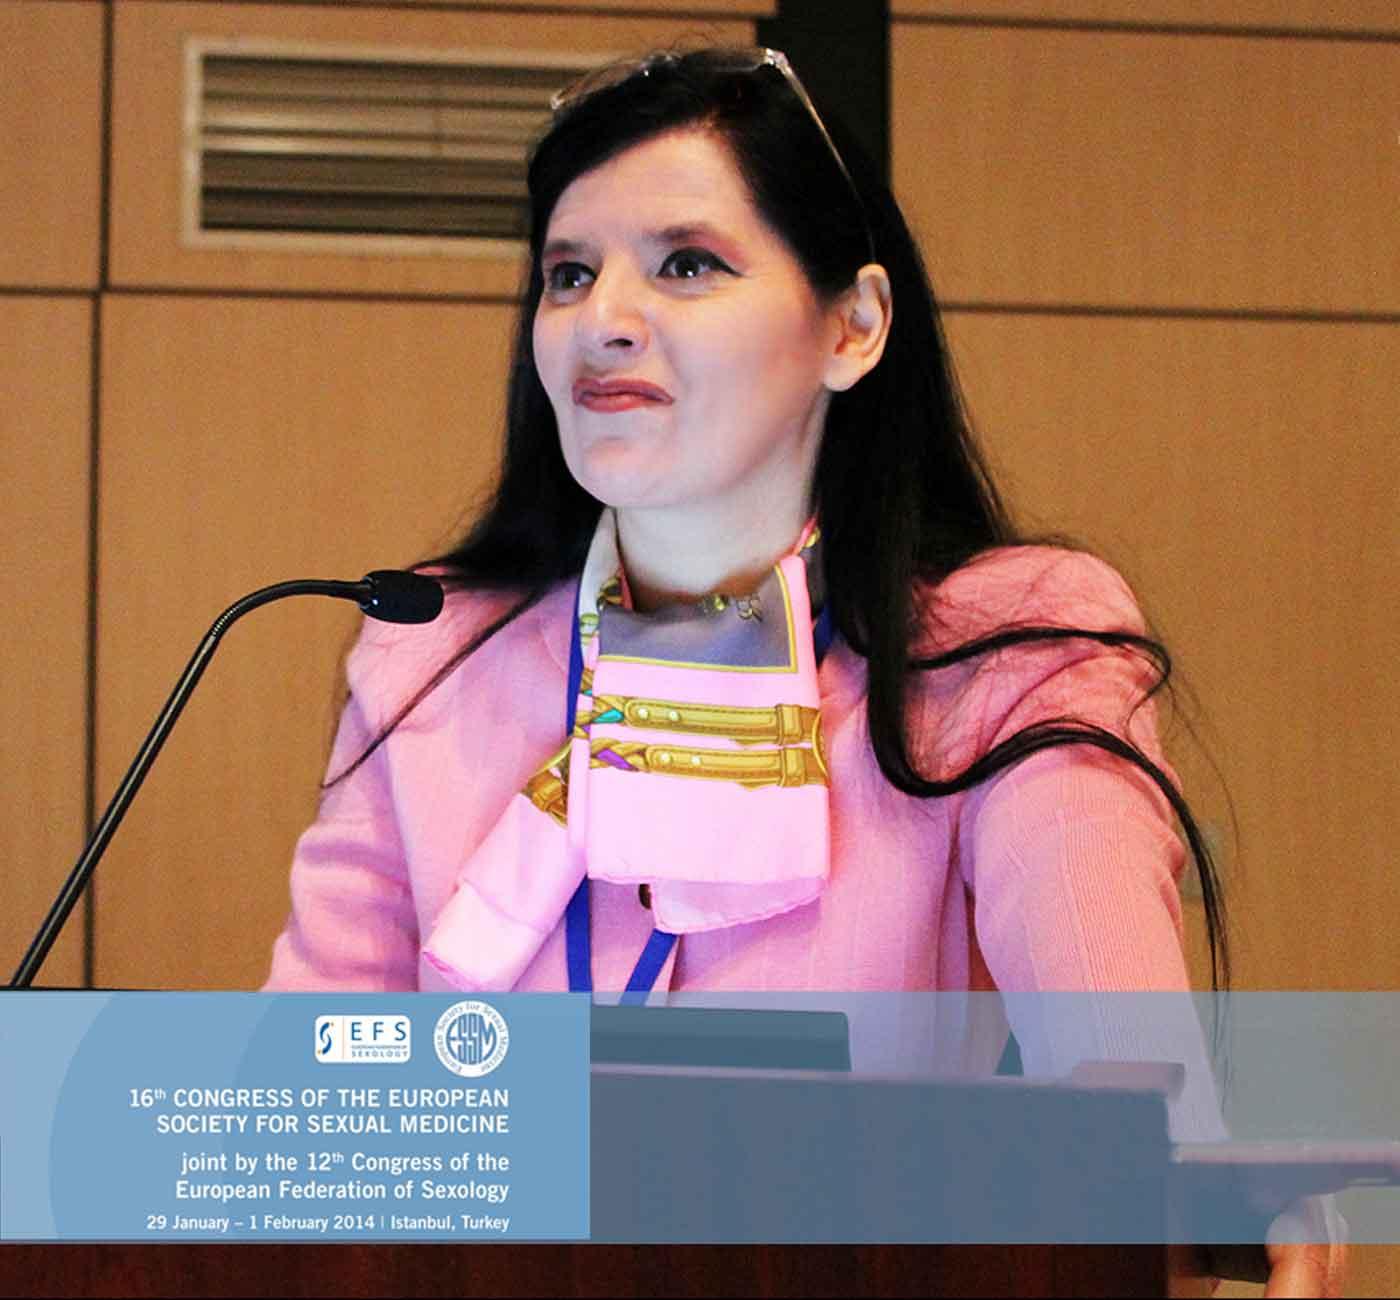 Tania-Bianchi - international podium public speaker in congresses